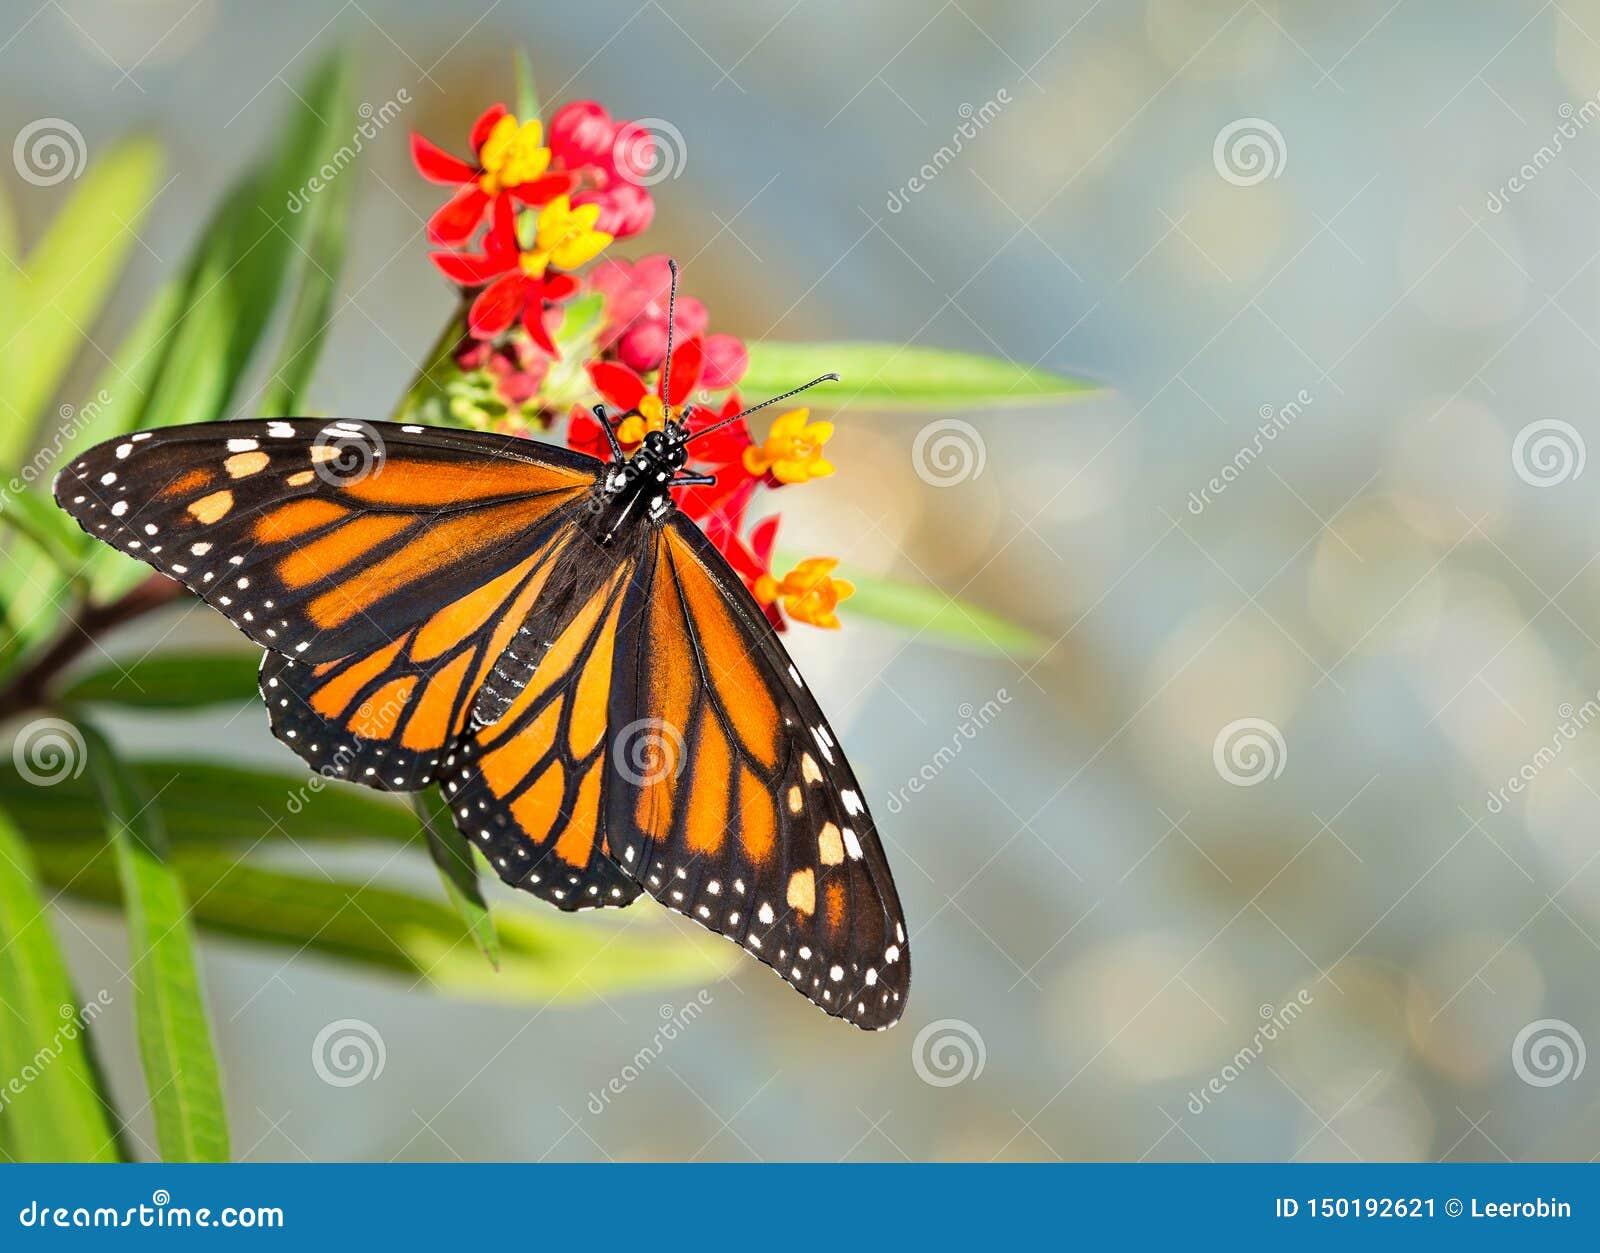 最近涌现了在热带乳草花的黑脉金斑蝶